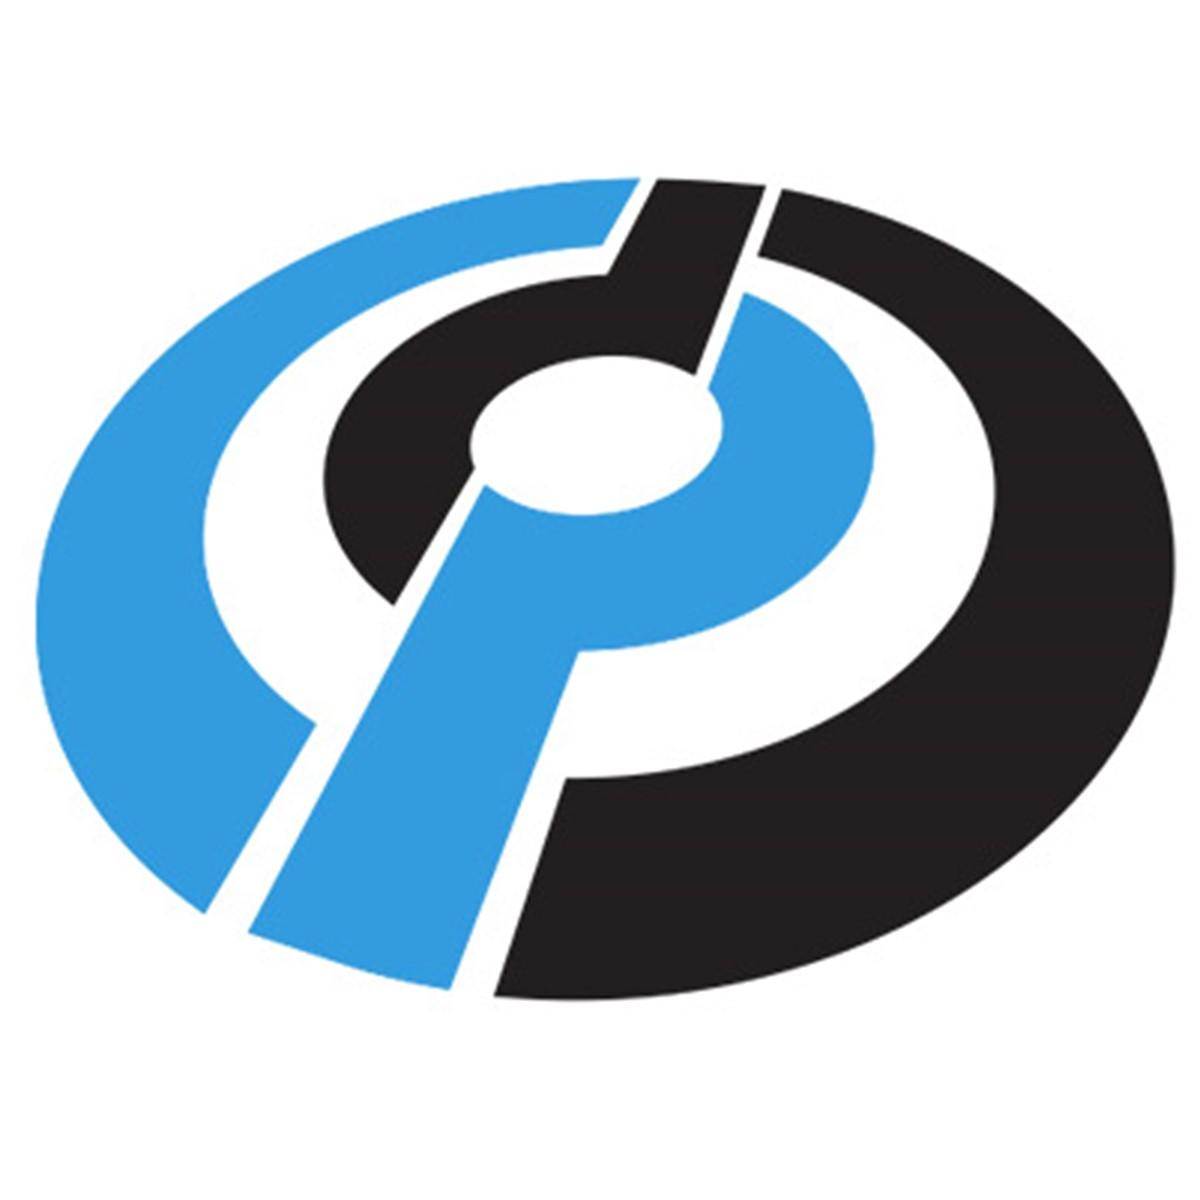 We're hiring! DPReview seeks Software Development Engineer: Digital